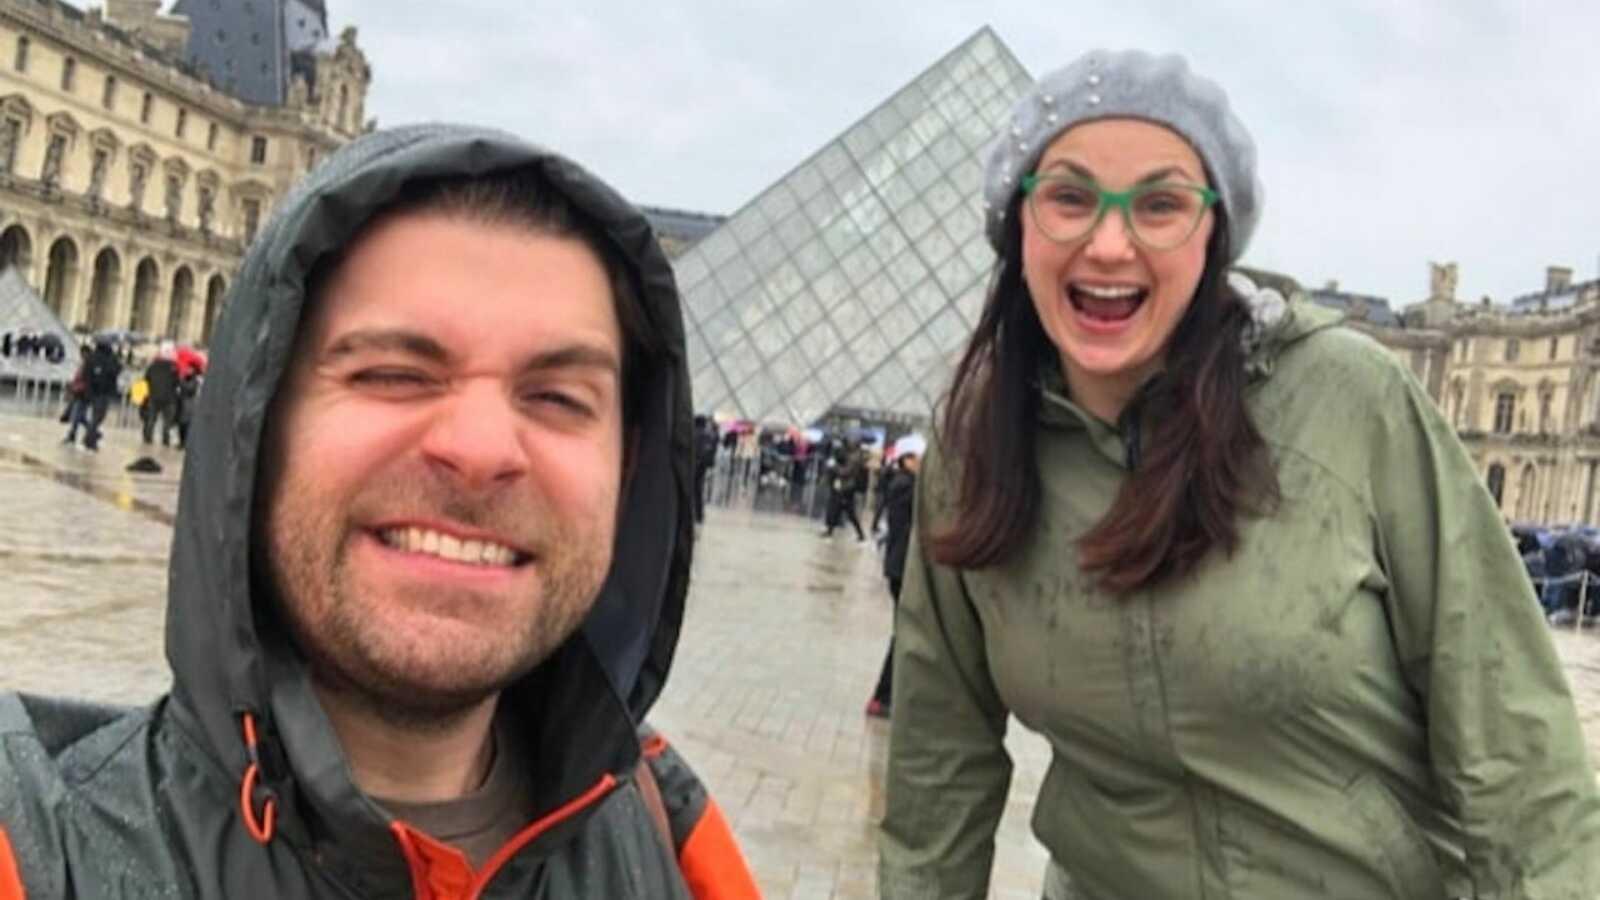 Couple taking selfie in rain coats in France